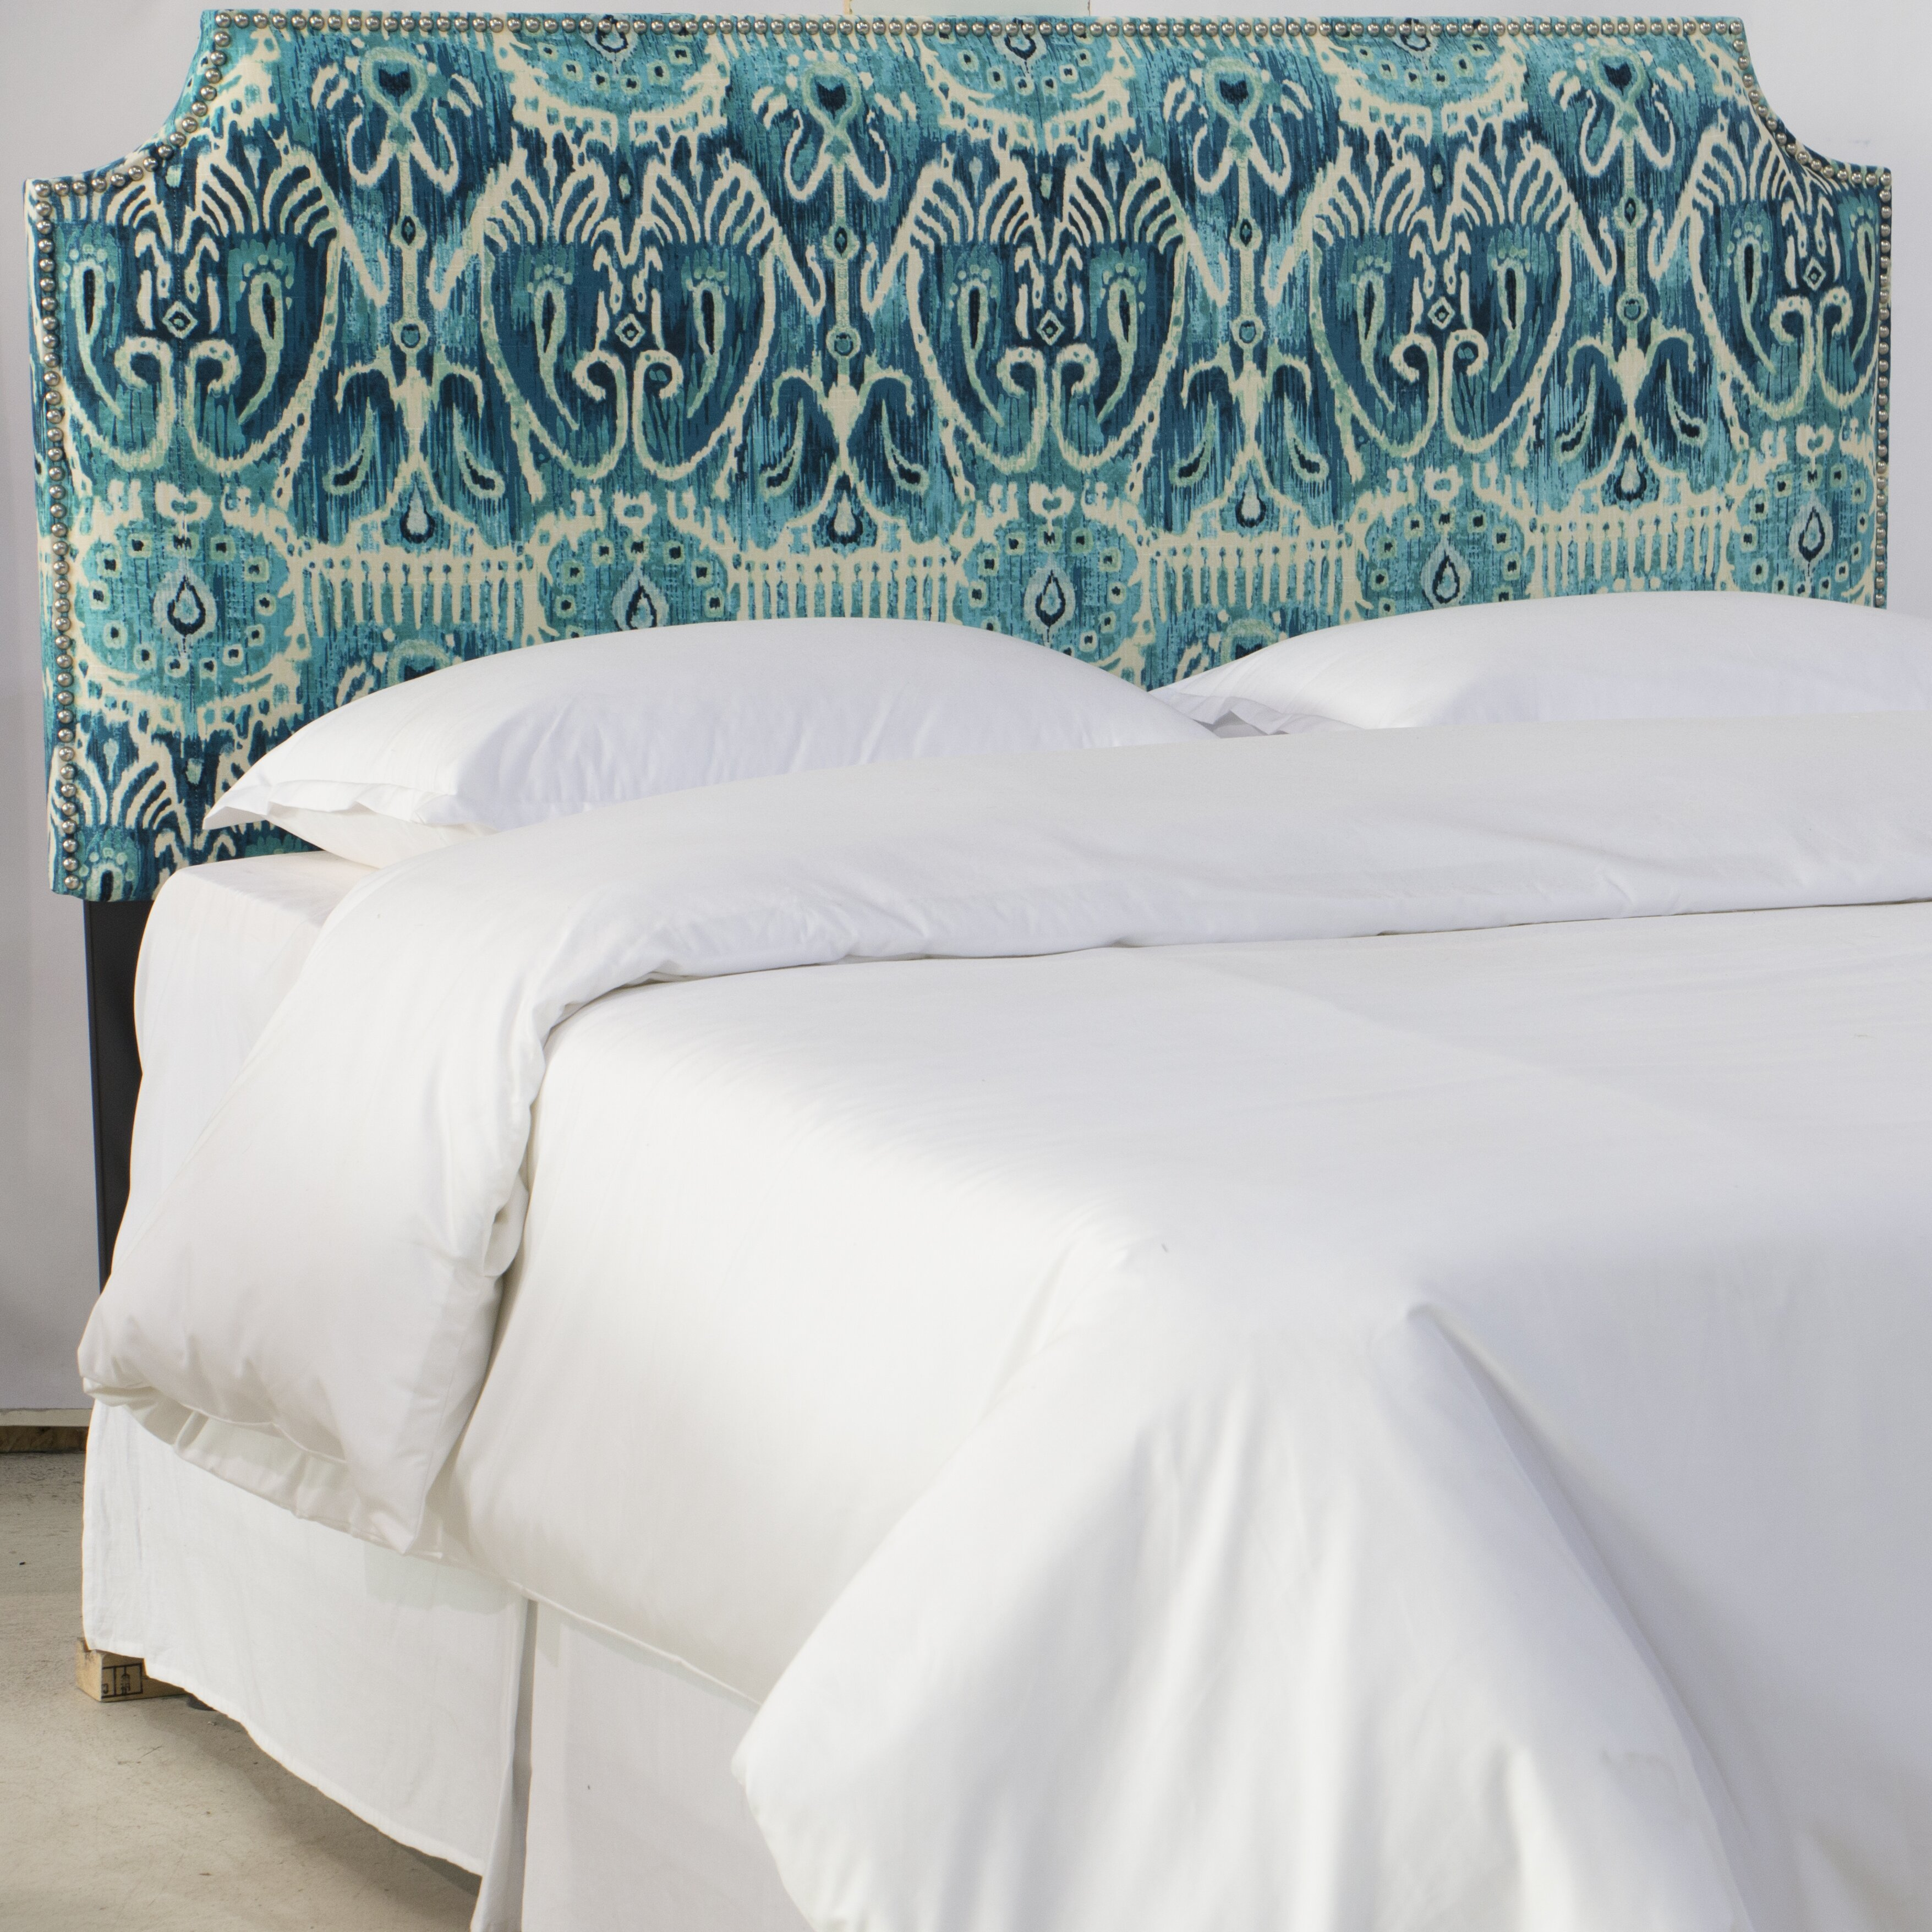 Wayfair custom upholstery melissa upholstered headboard reviews wayfair - Custom headboard ...